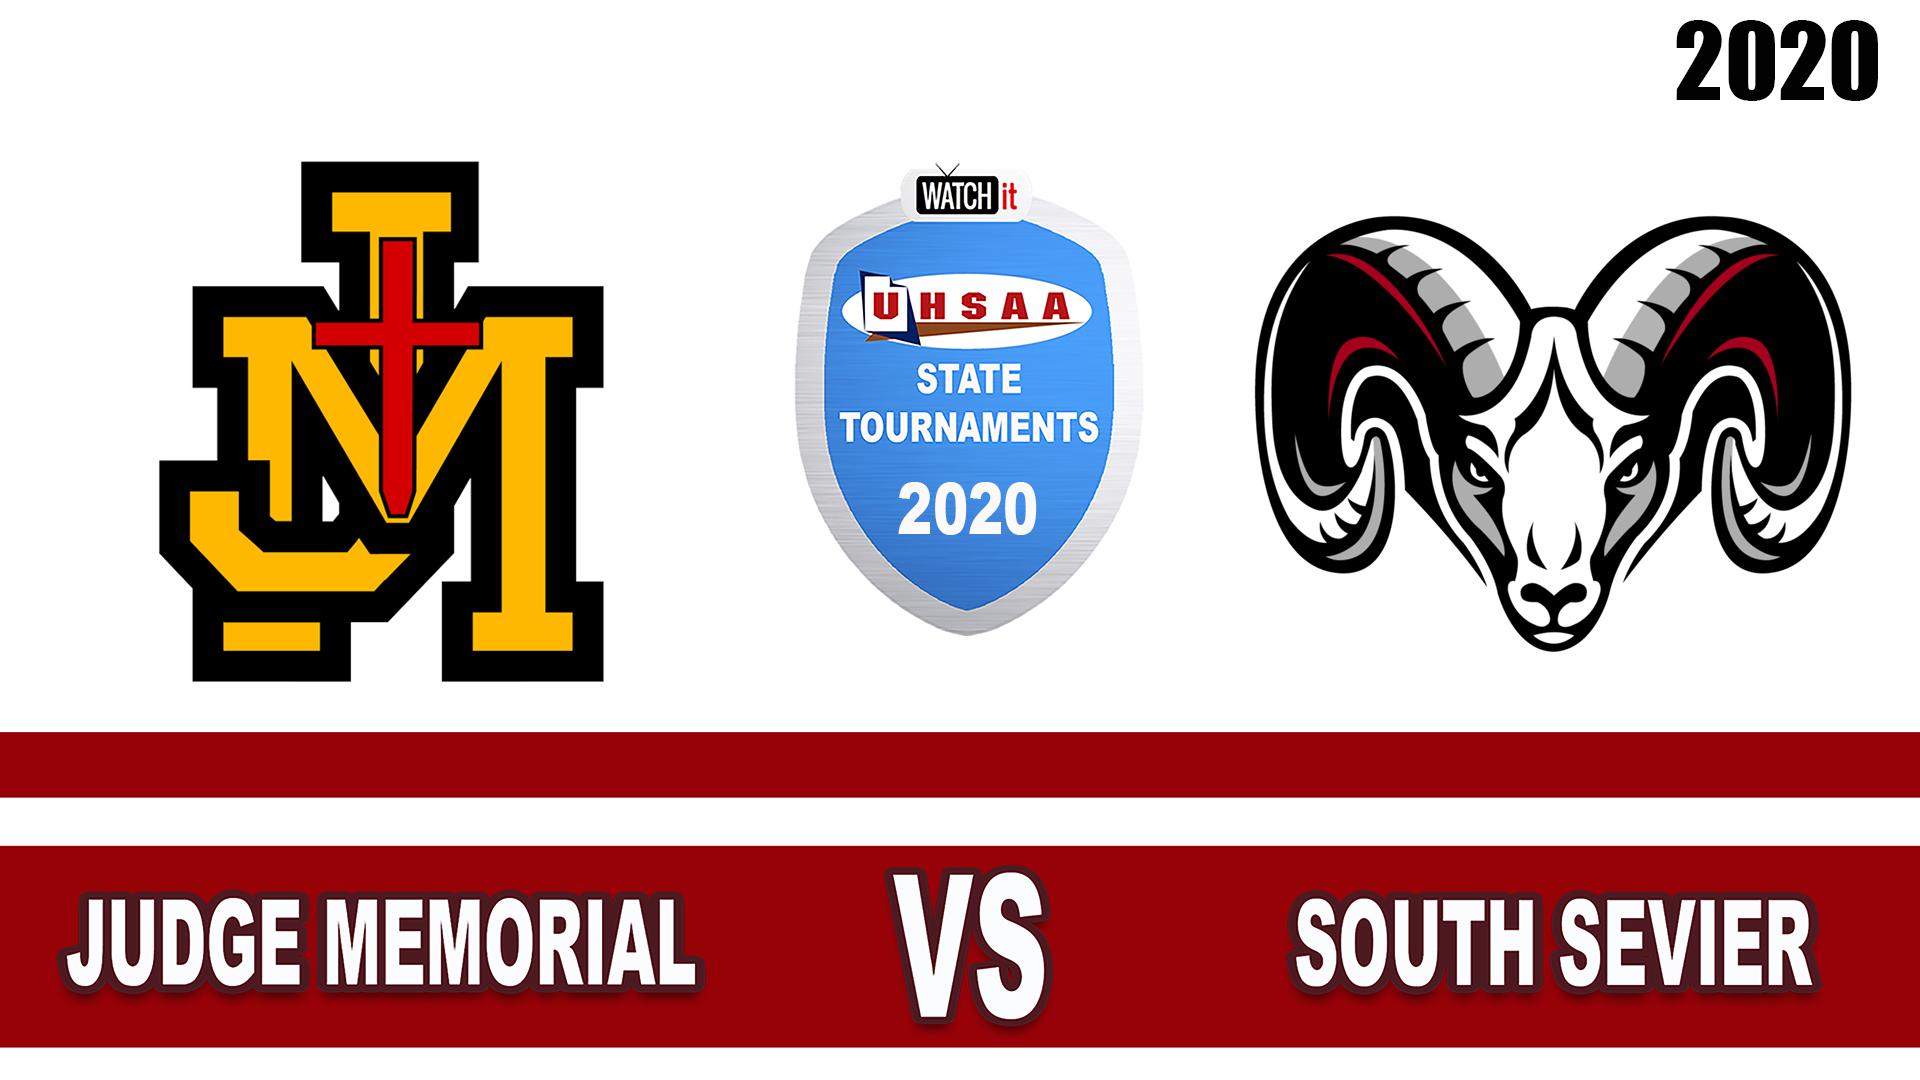 Judge Memorial vs South Sevier